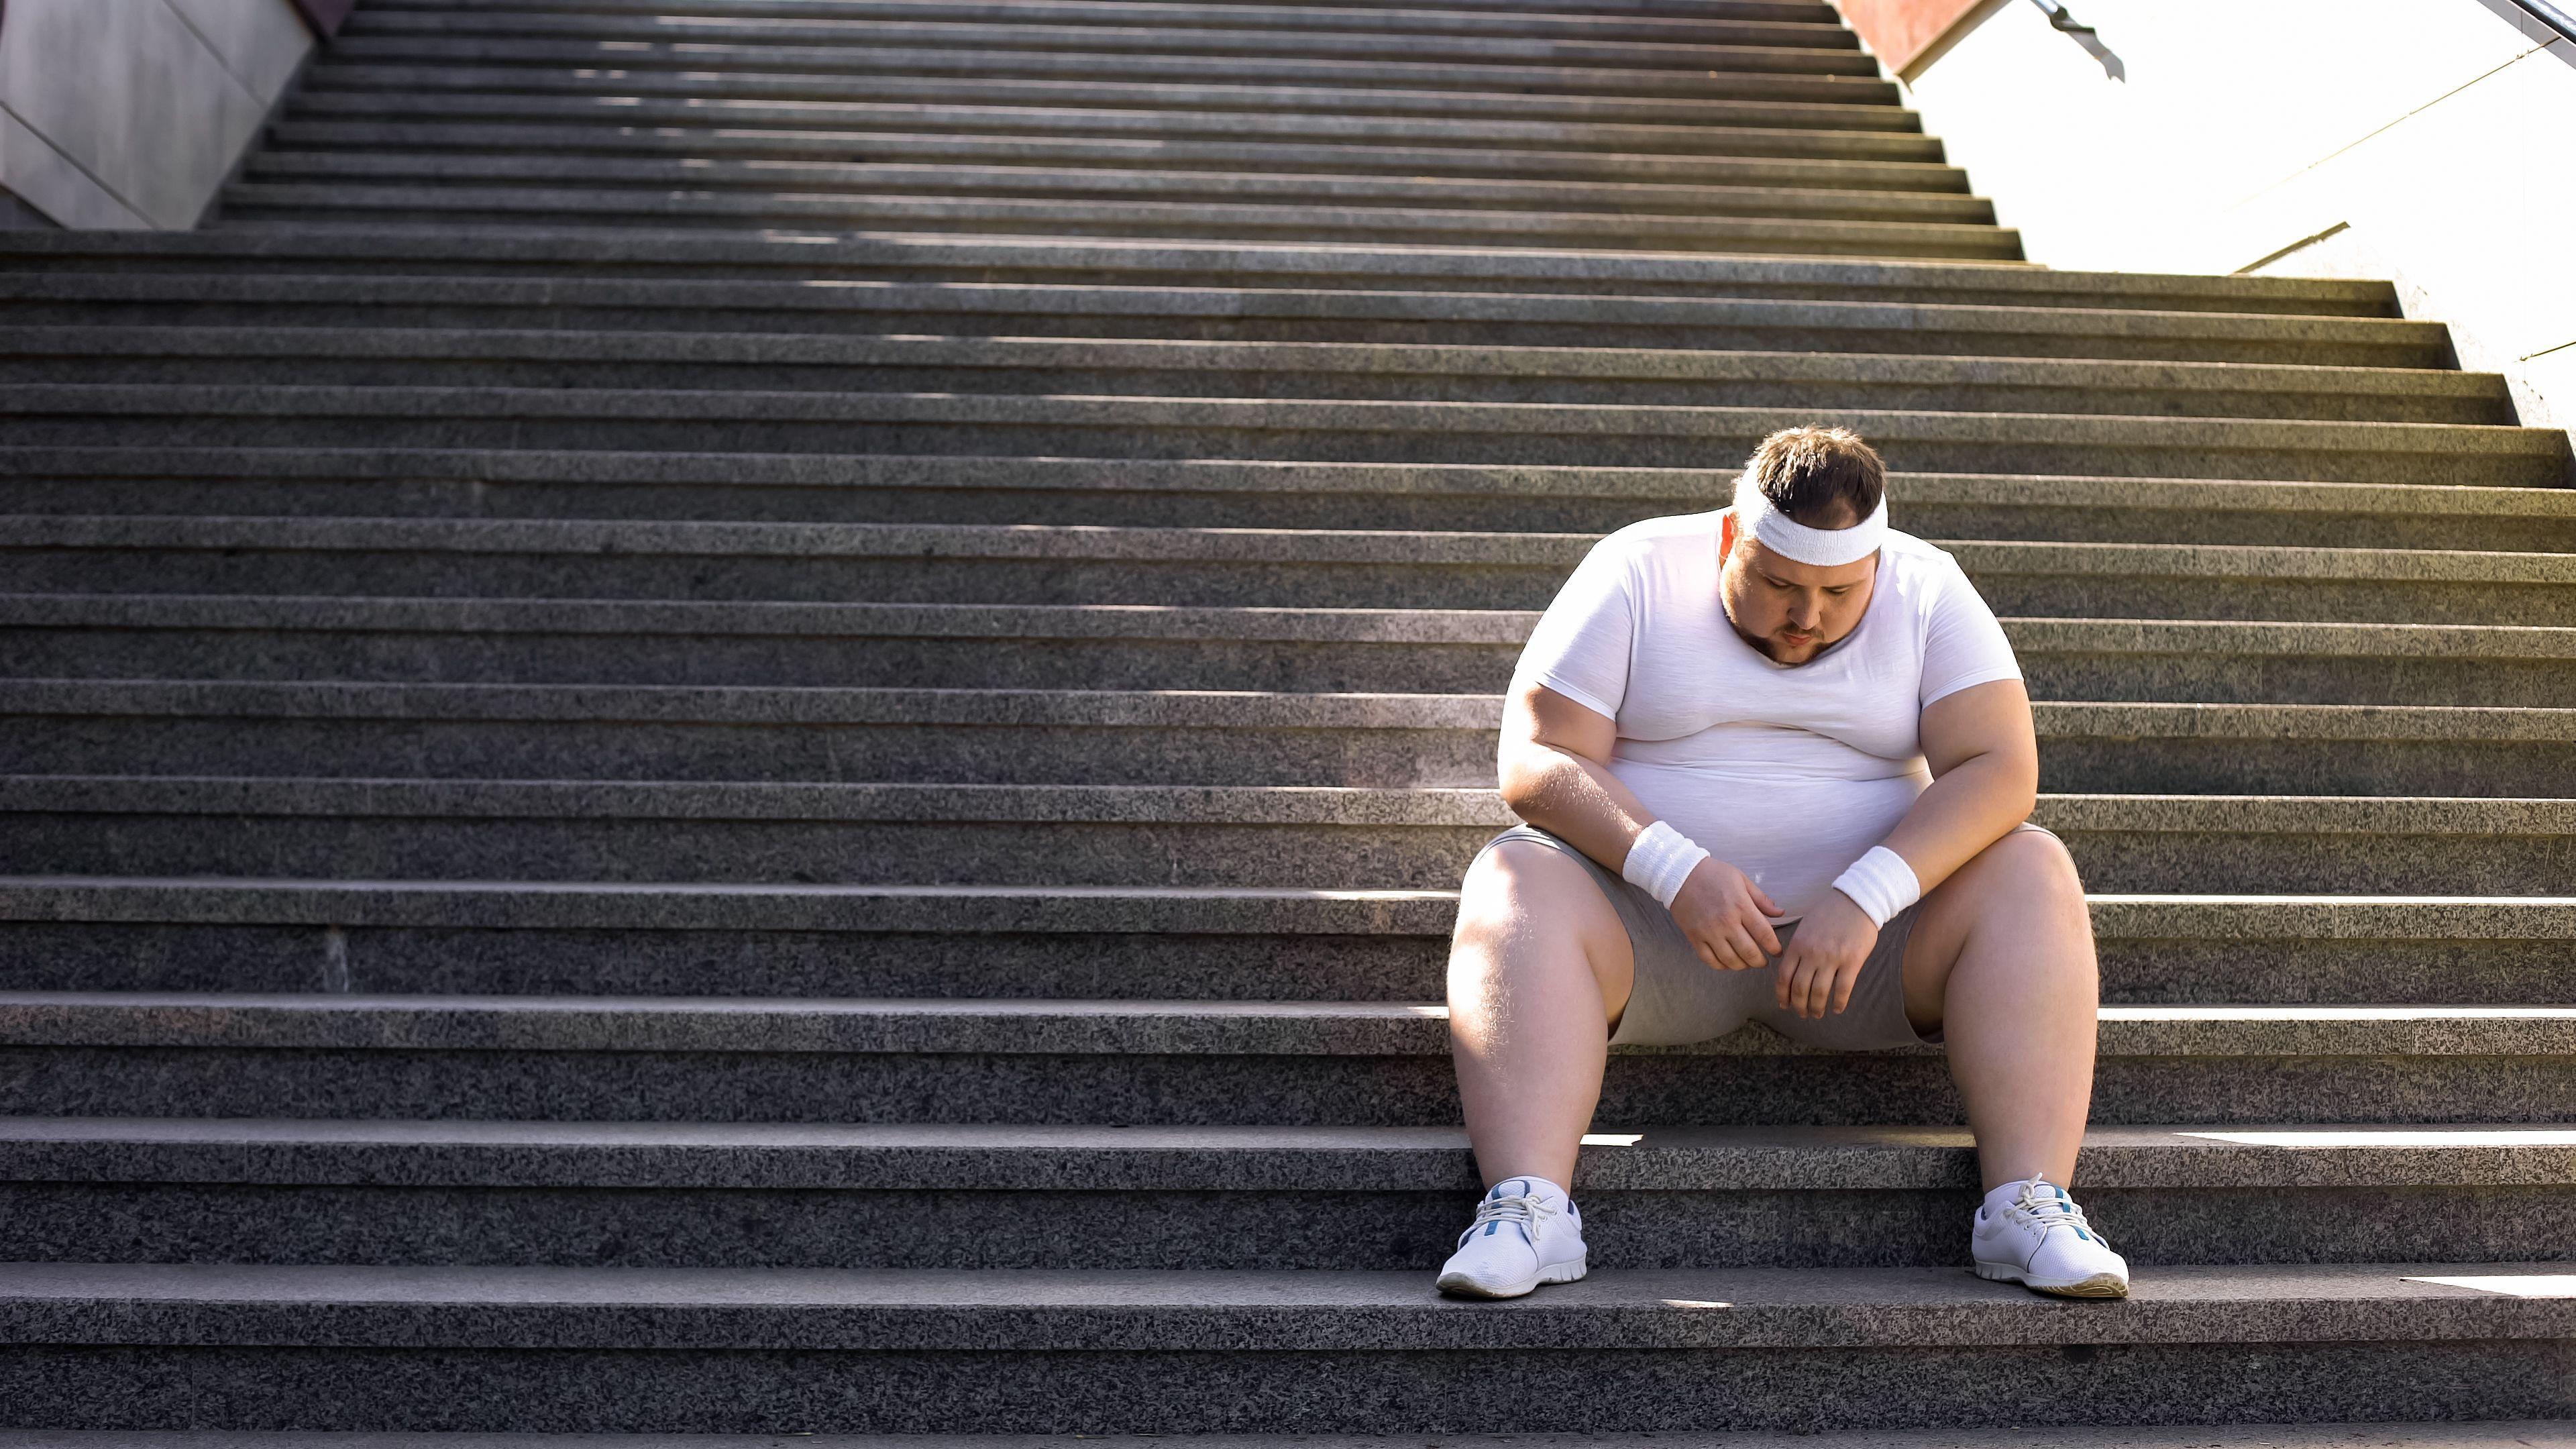 tippeket, ha le szeretne fogyni 20 kg fogyás 6 hónap alatt